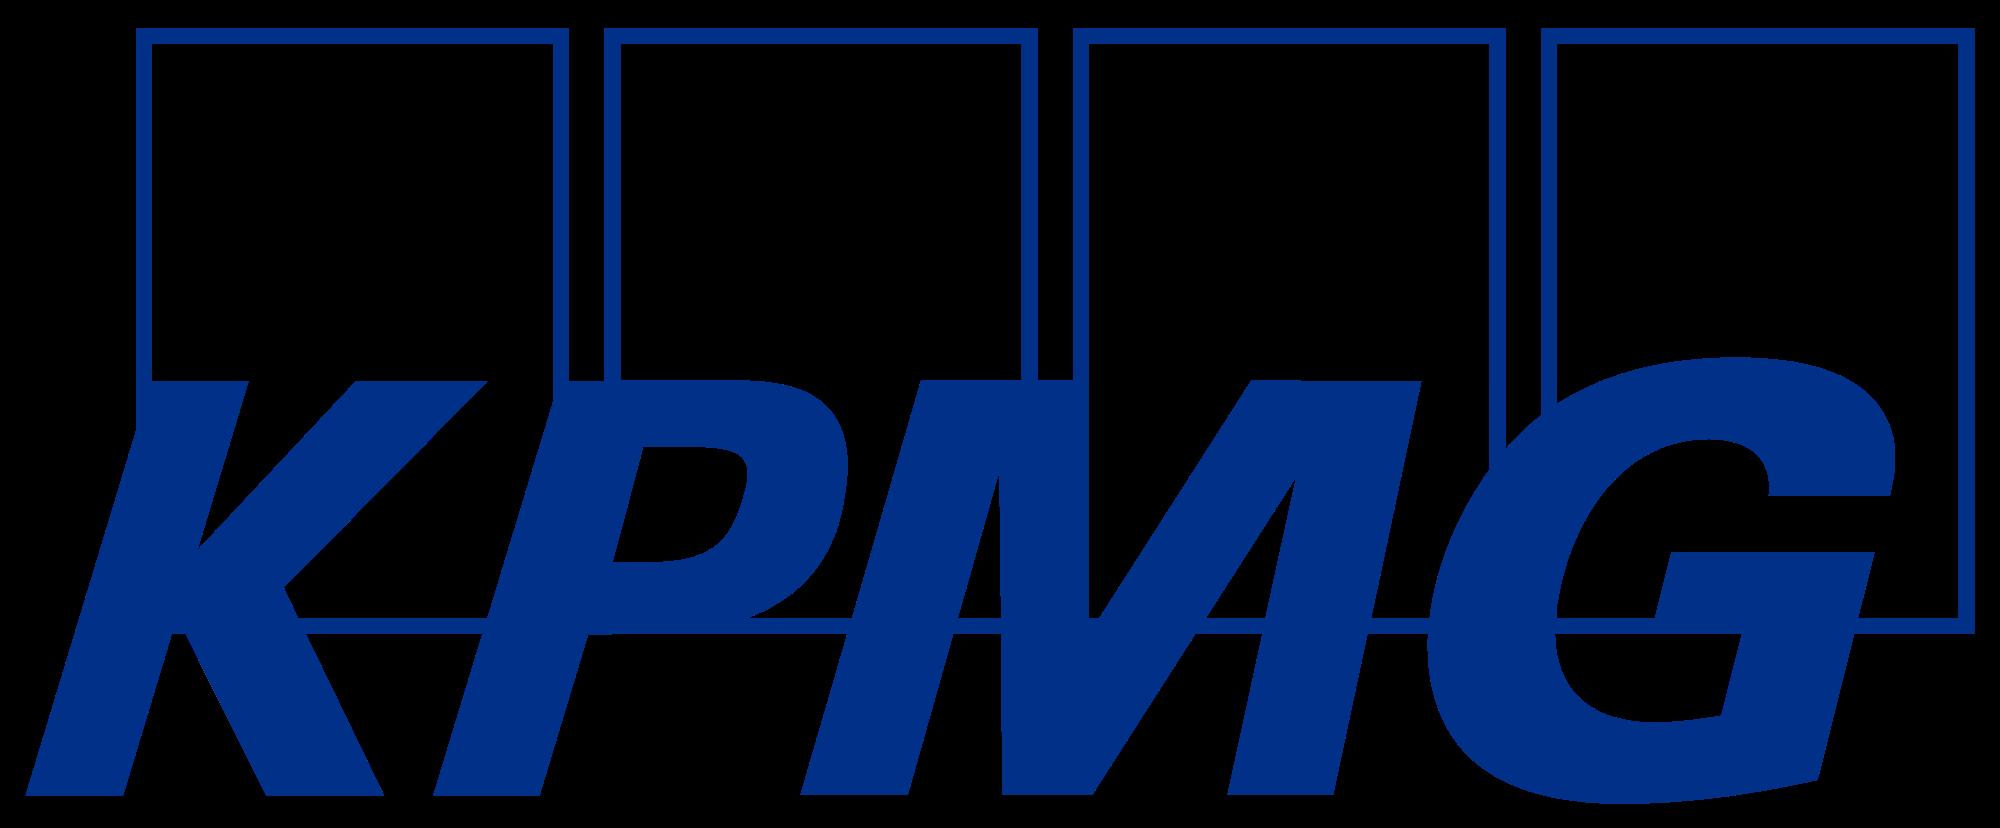 KPMG_logo_svg.png